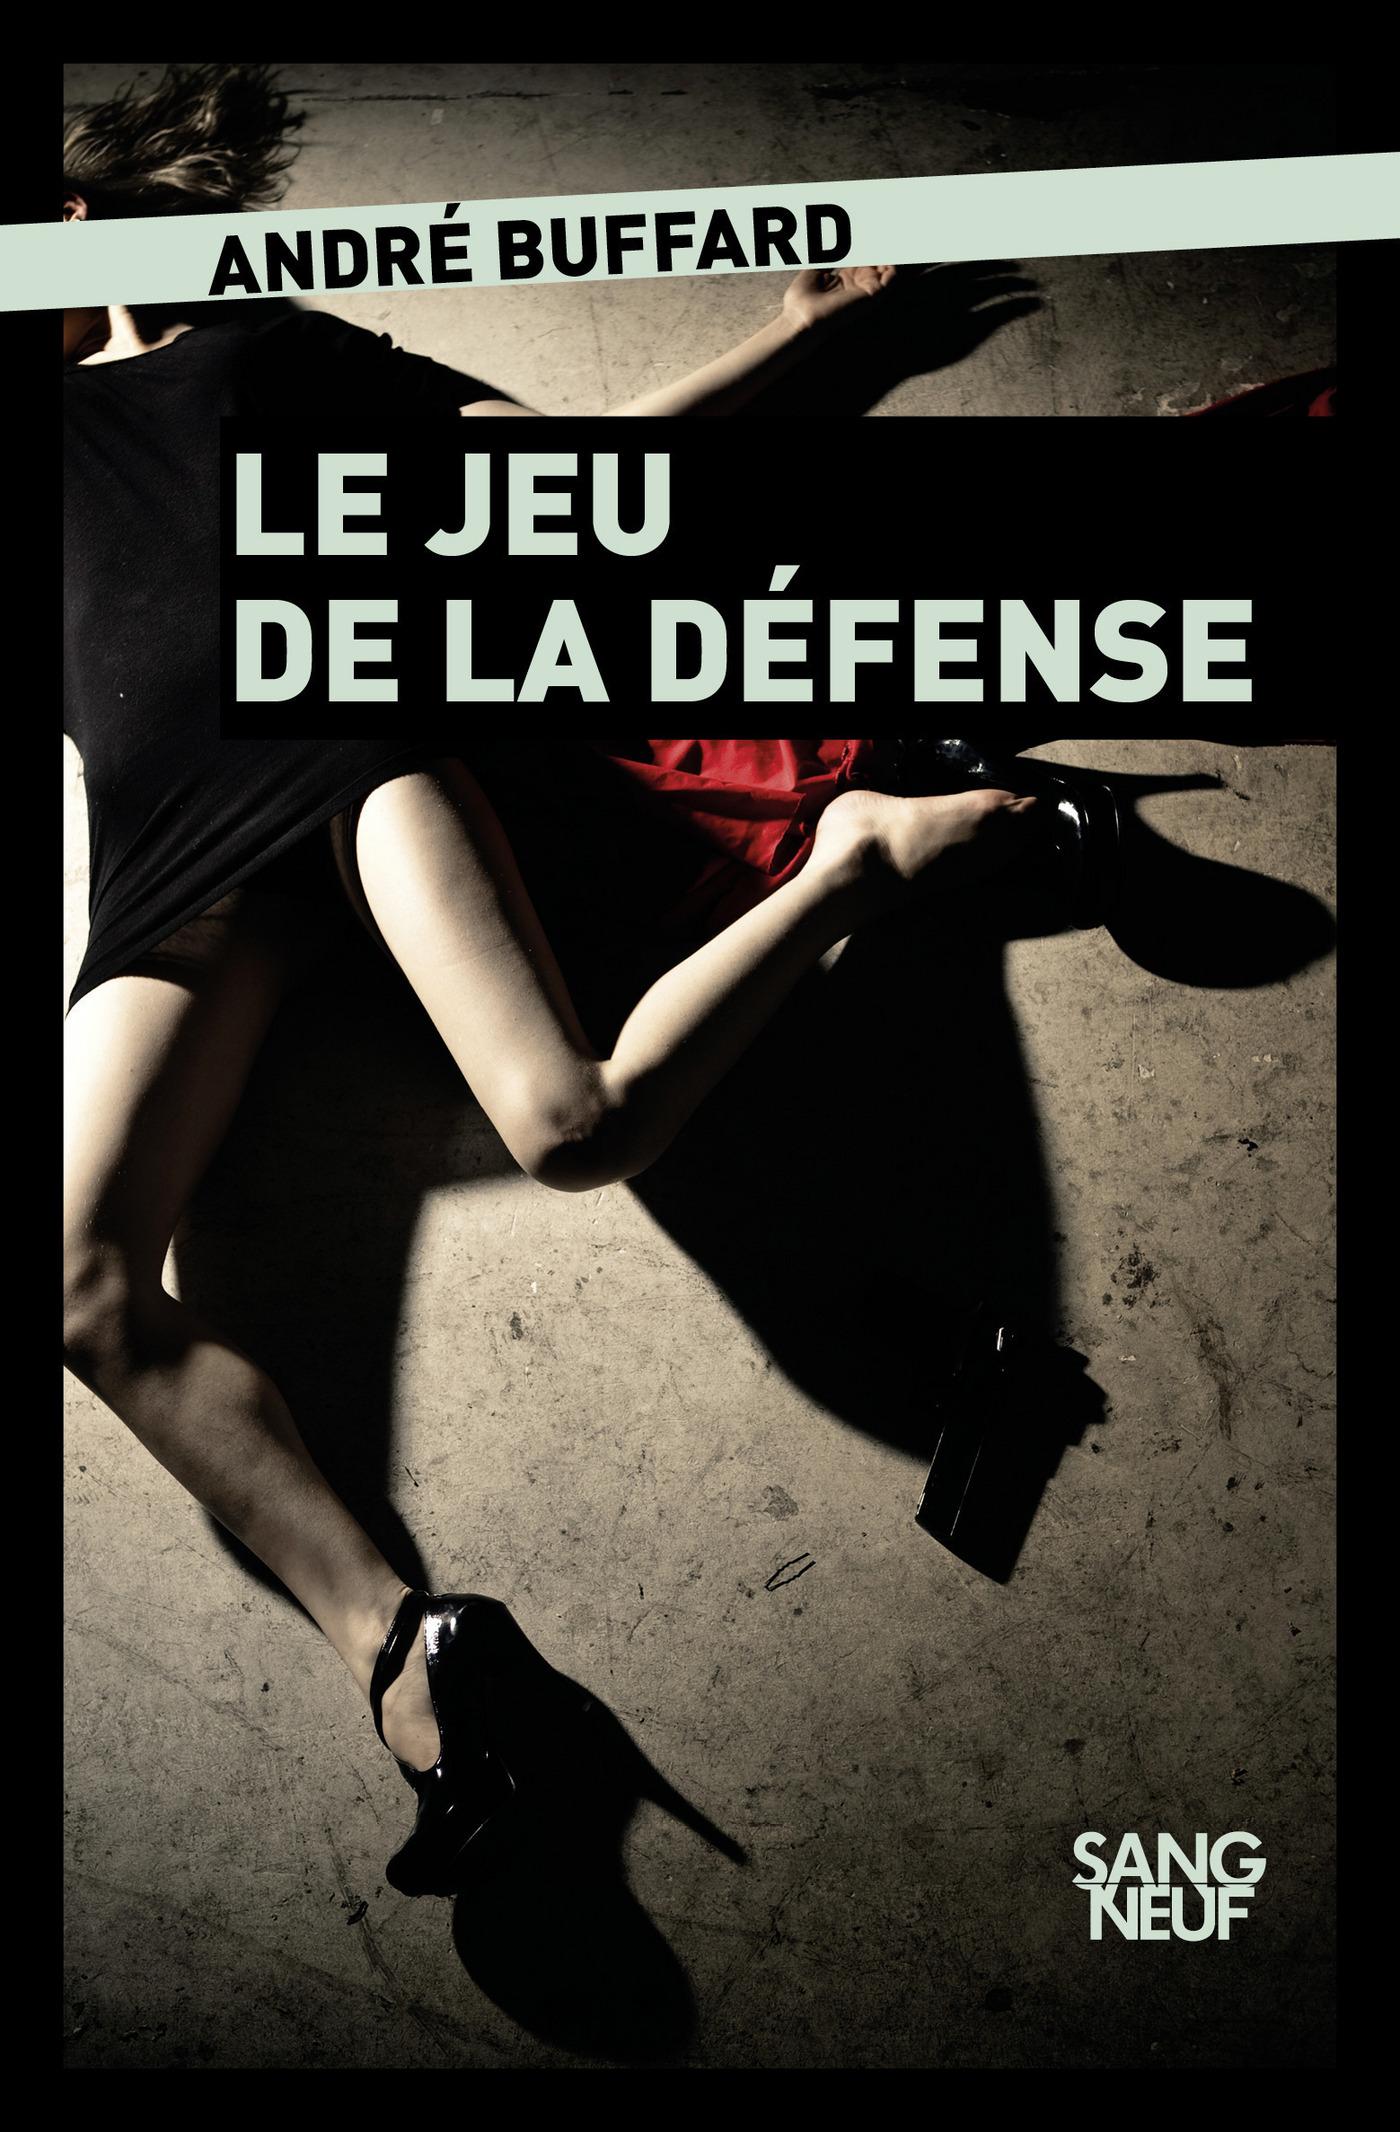 Le jeu de la défense